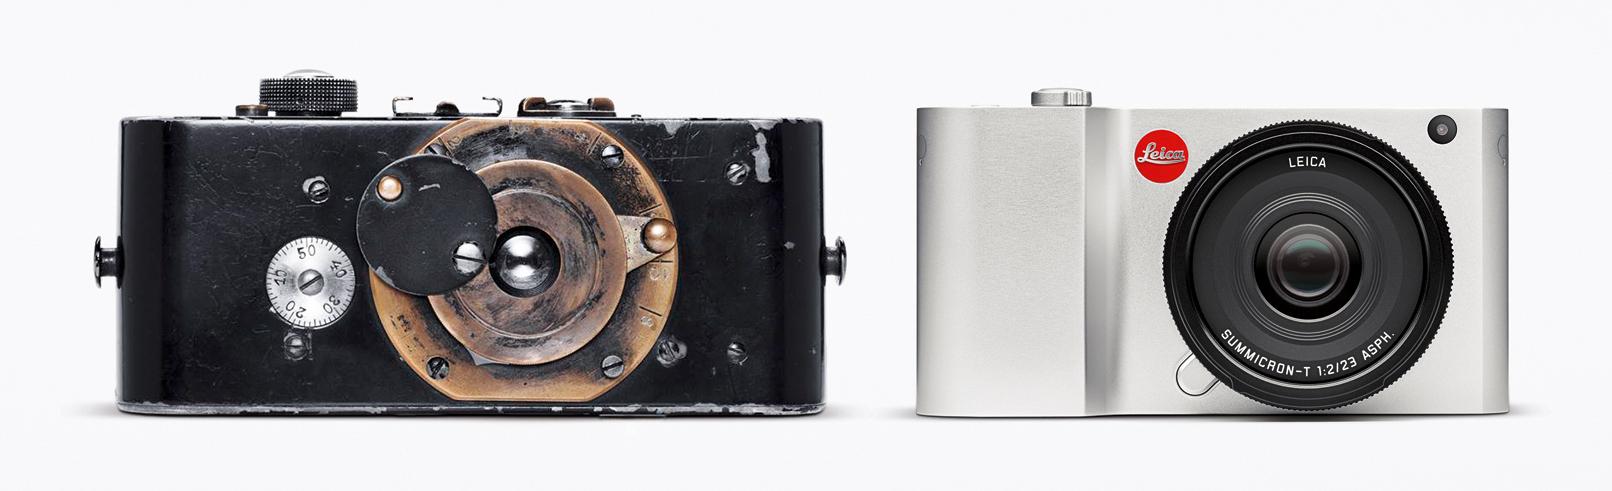 Leica T Typ 701 és az